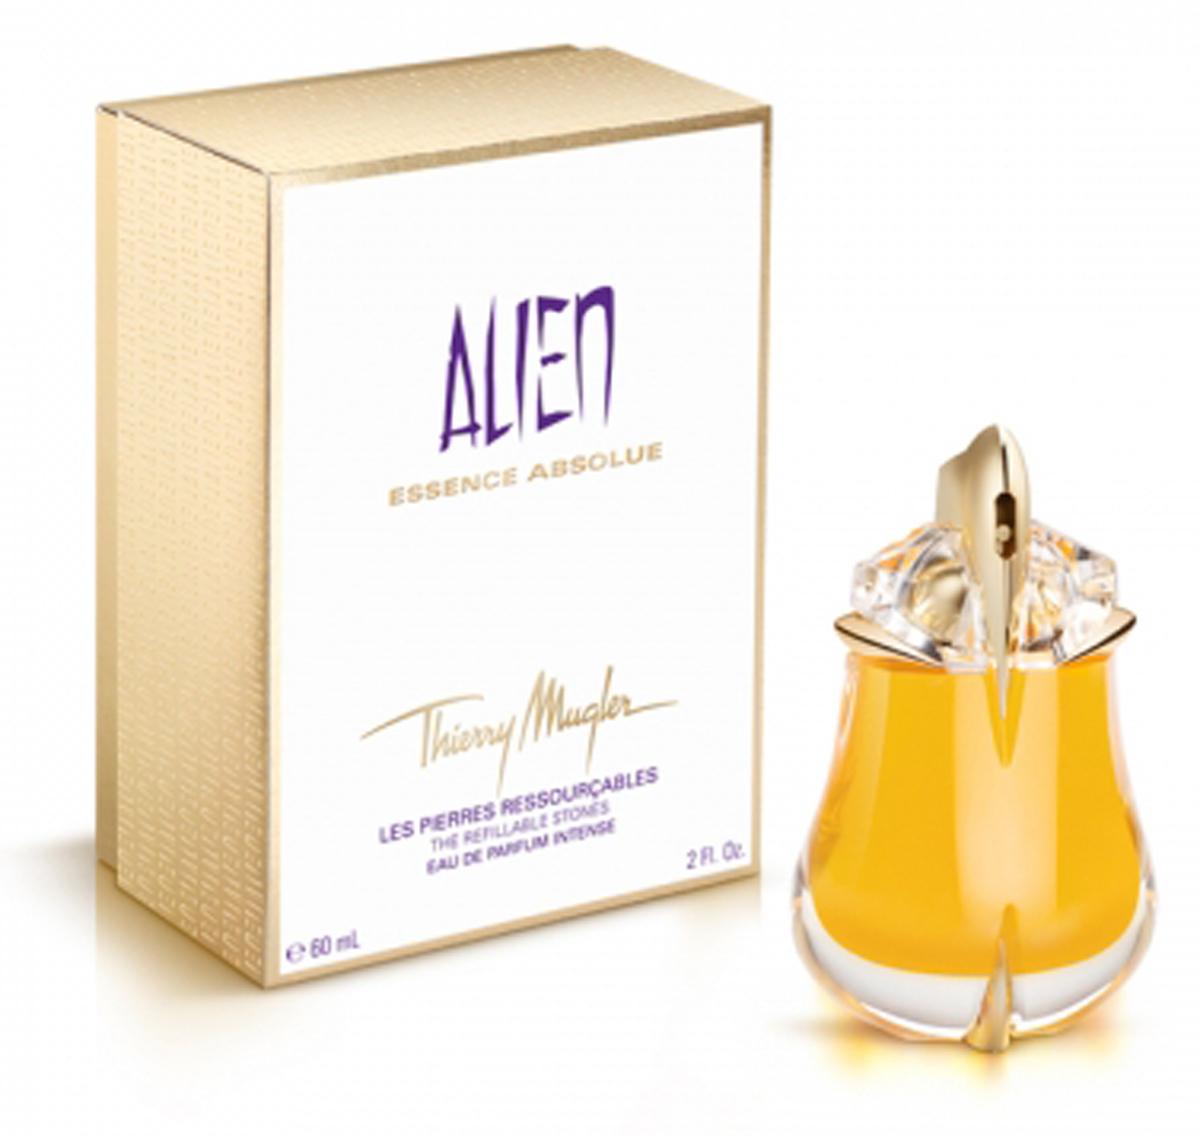 Thierry Mugler Парфюмированная вода Alien Essence Absolue, женская, 60 мл13989Ароматические, цветочные. Кашемировое дерево, амбра, ваниль, мирт, фимиам, жасмин.